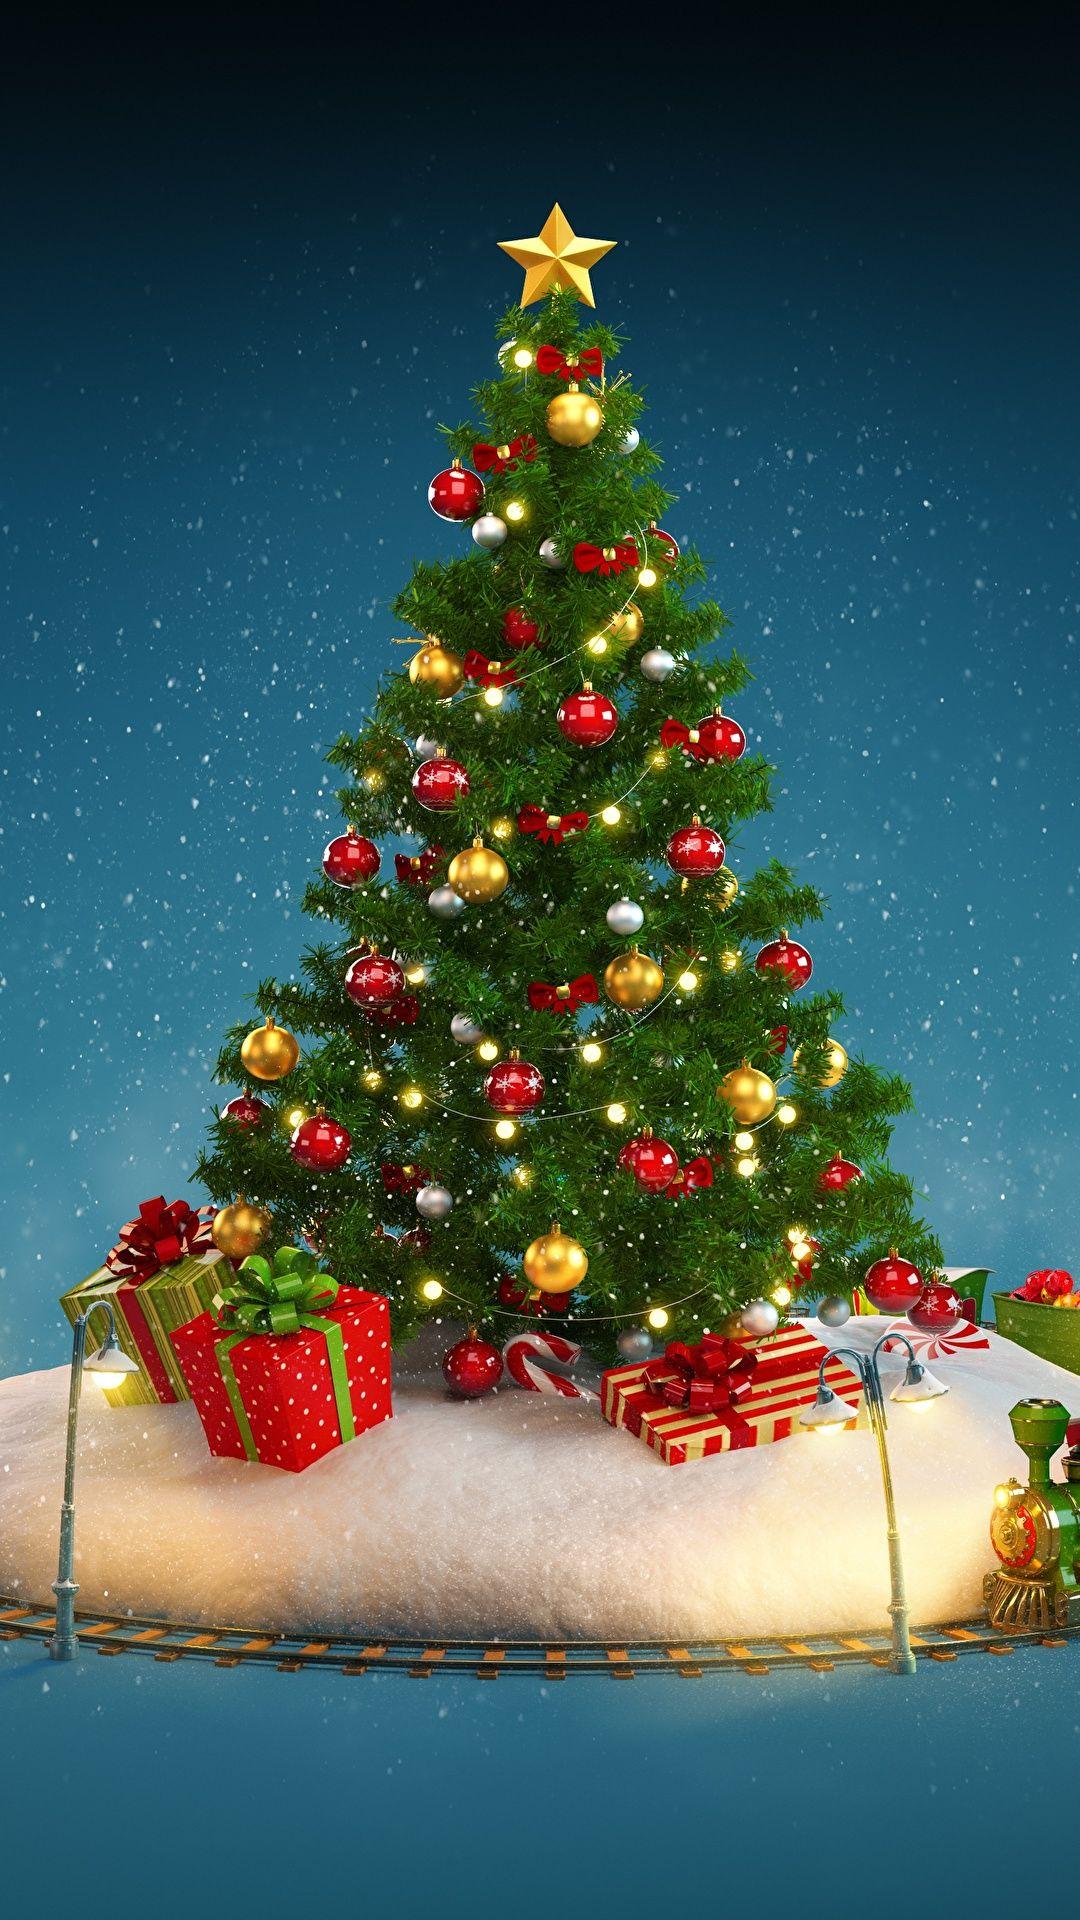 Fond Pour Mobile De Noel Sapin De Noel Avec Cadeaux Fond D Ecran De Noel Pour Iphone Et Android Belles Images De Noel Fond Ecran Noel Deco Noel